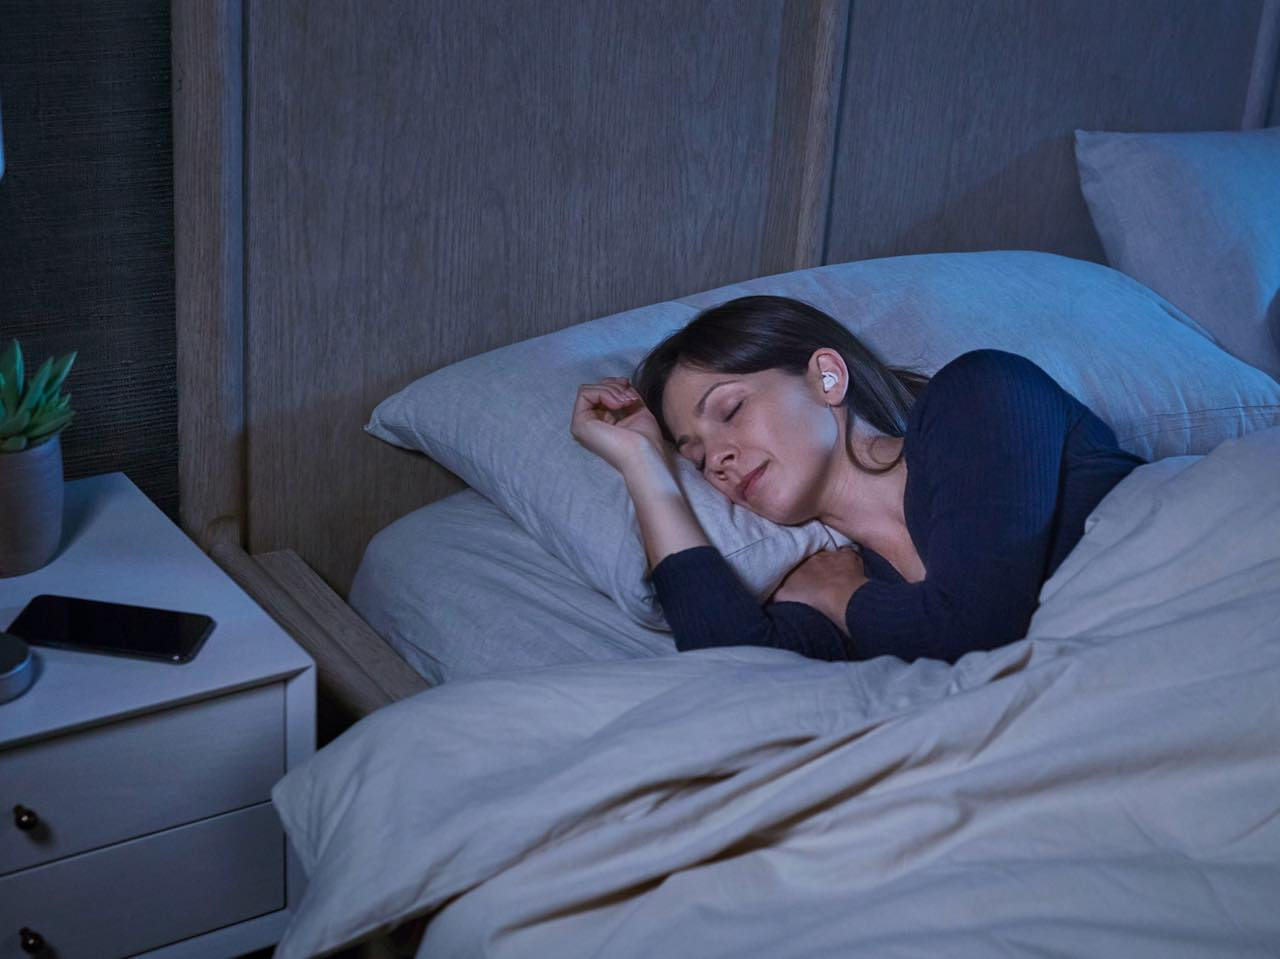 浅い眠りも一発で解消。寝る前30分で、睡眠の質を高める